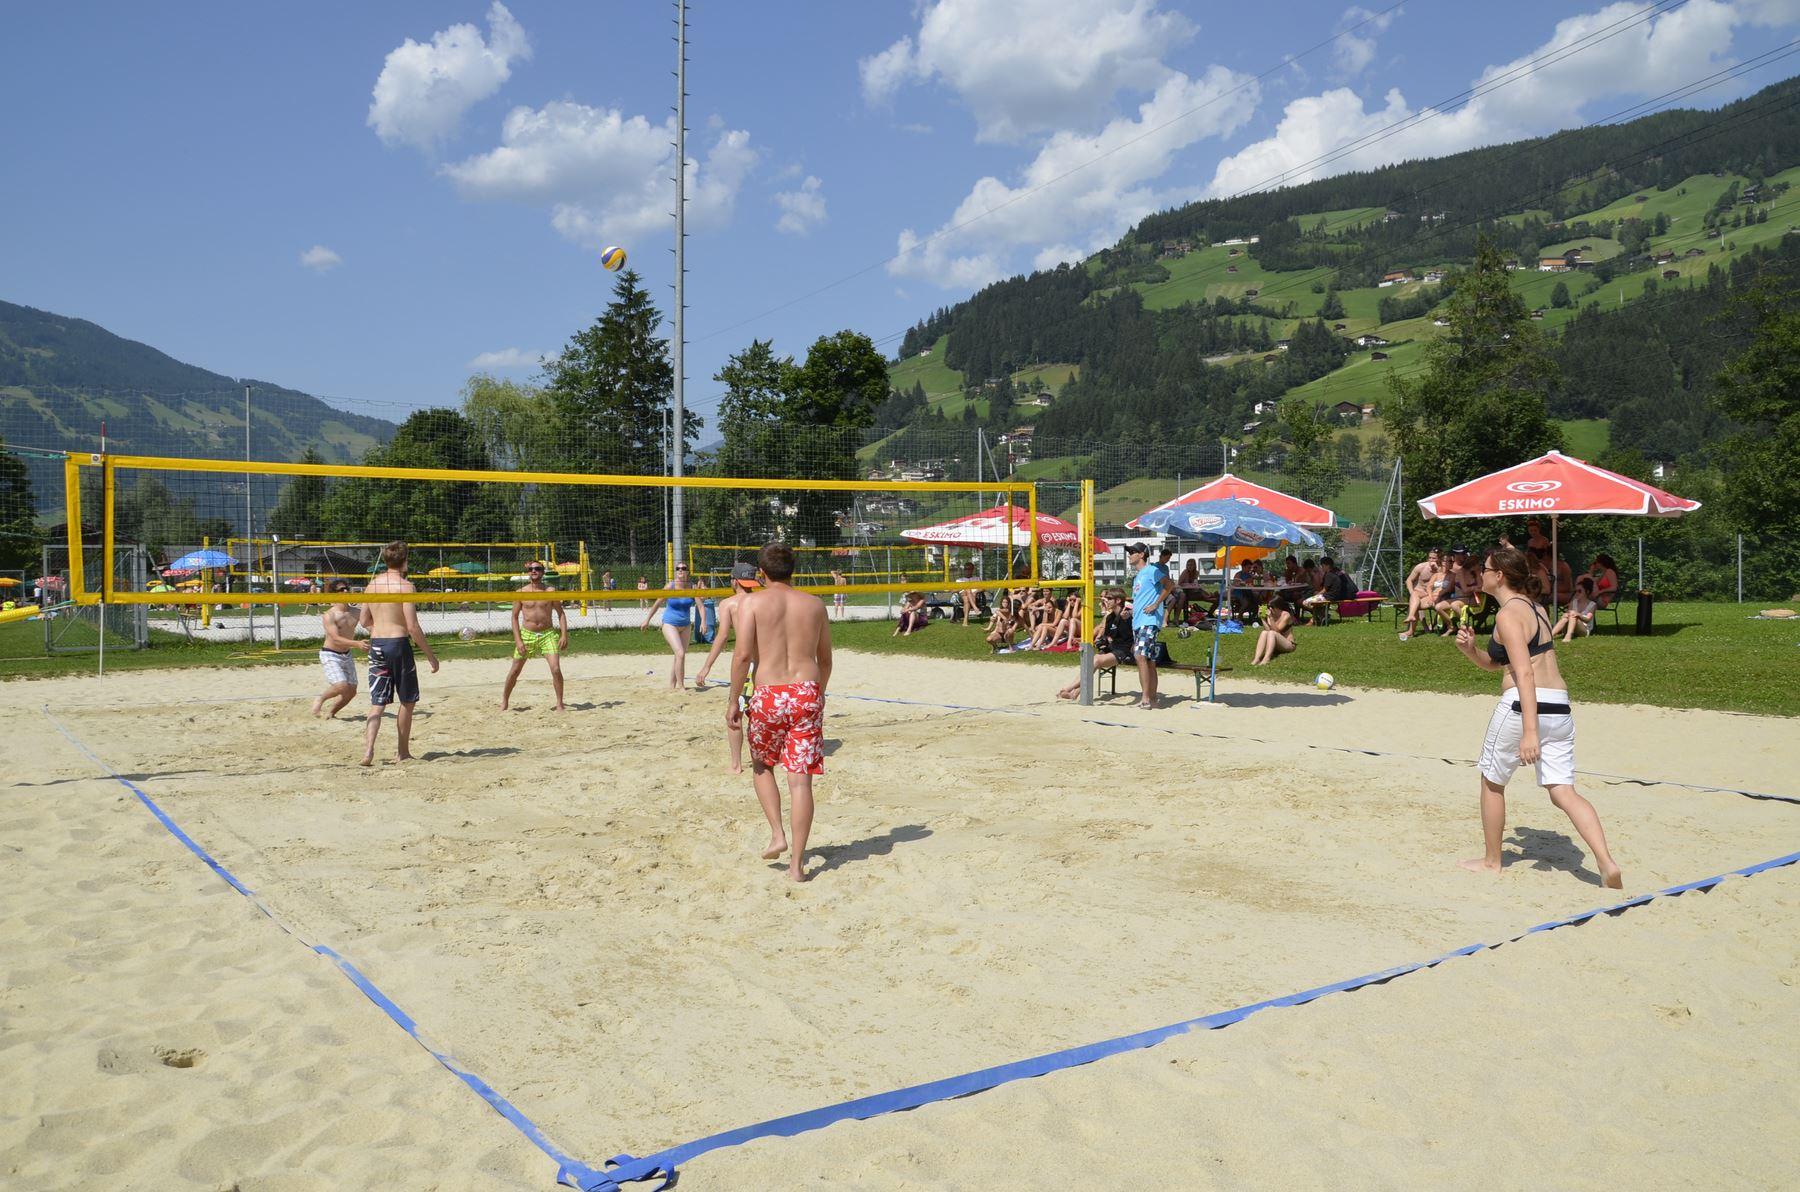 2015-07-04 Beachvolleyballturnier BV Zillertal 059